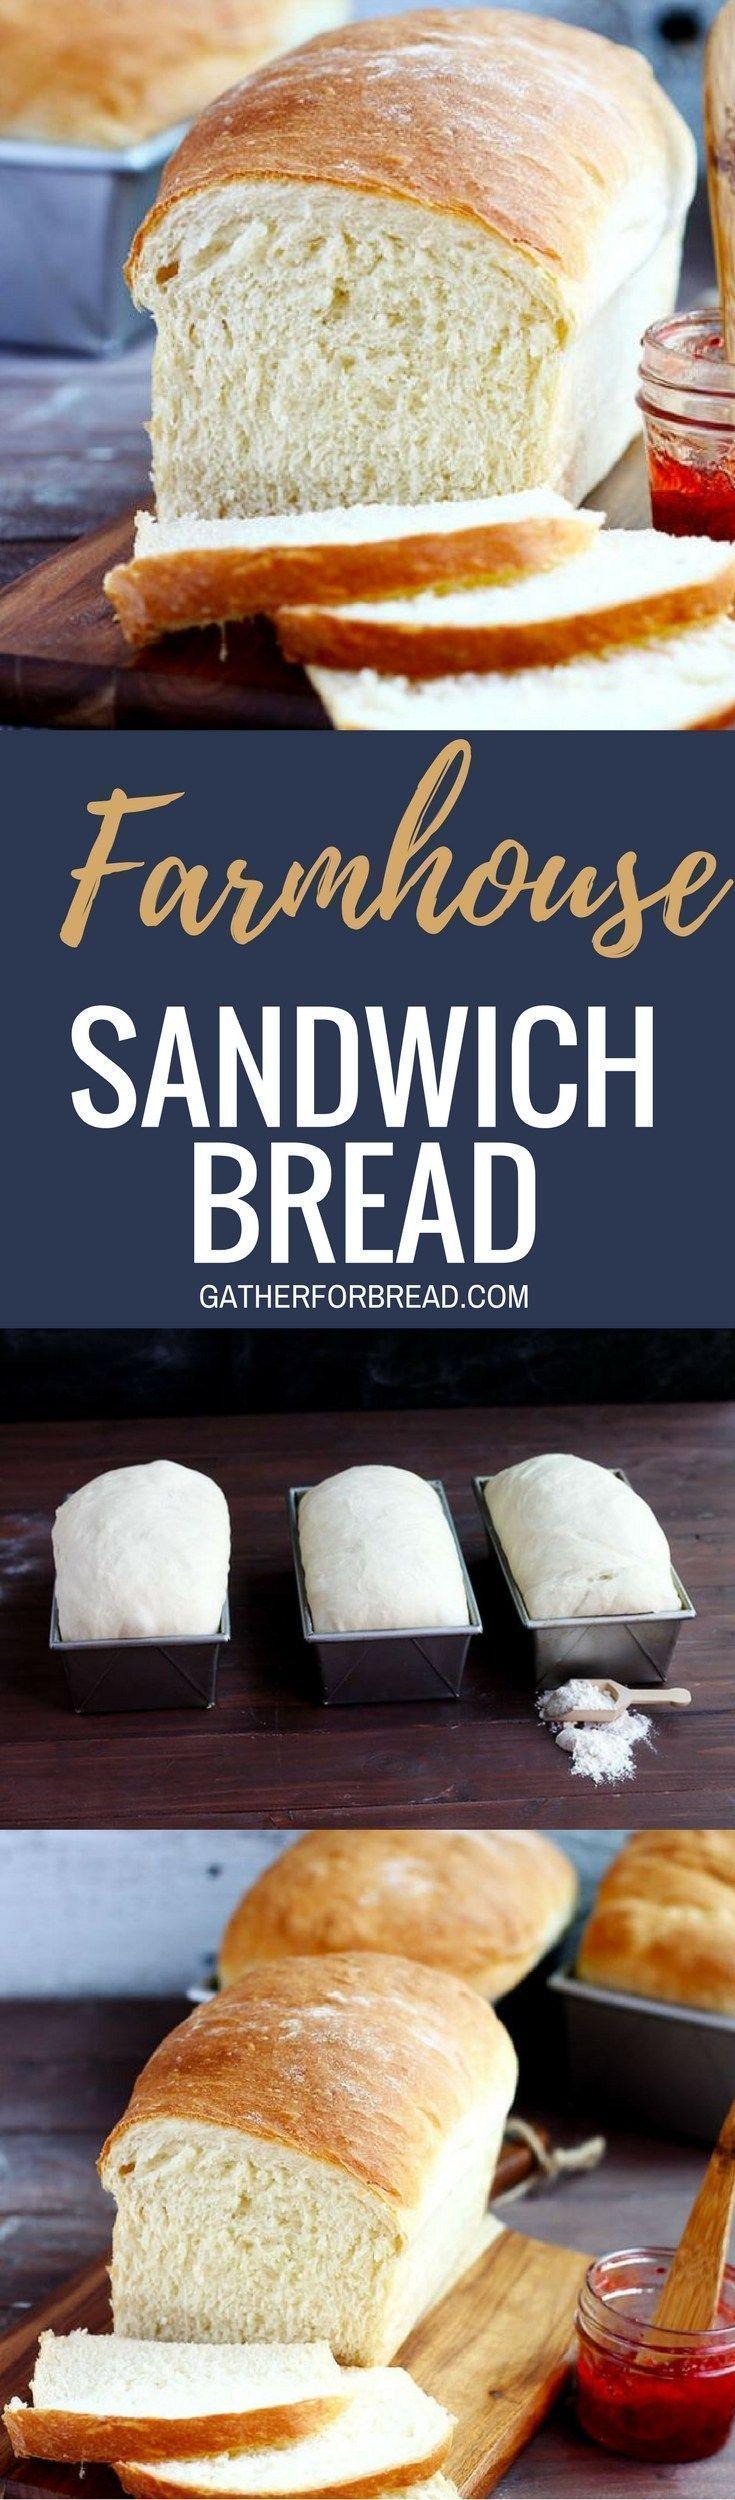 Farmhouse Sandwich Bread Popular White bread recipe for